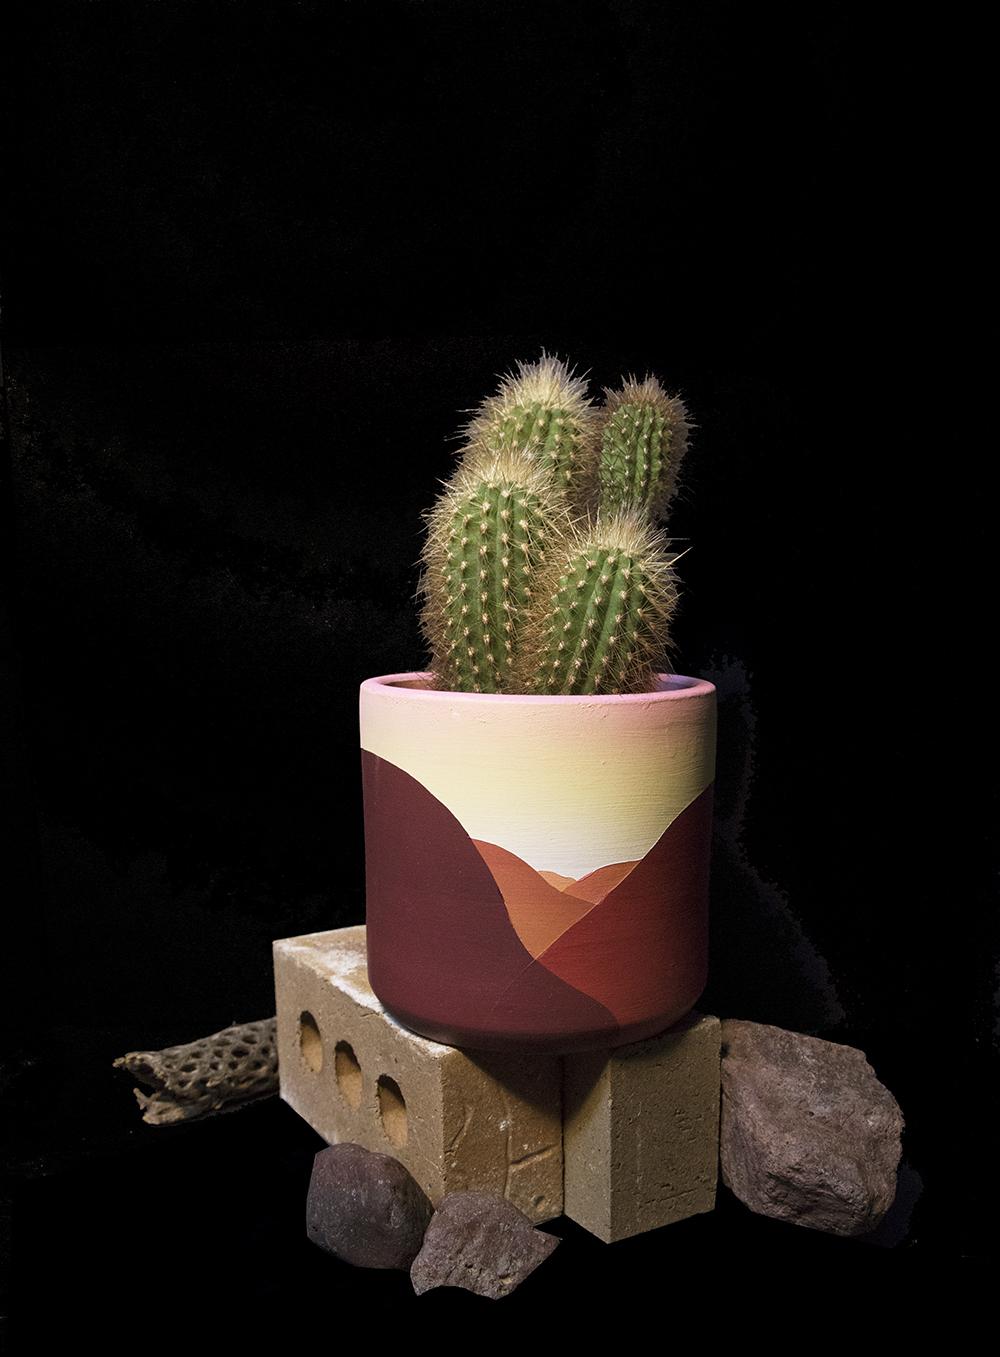 public_land_Store_sacramento_maxwell_mcmaster_planter_cactus_2.jpg